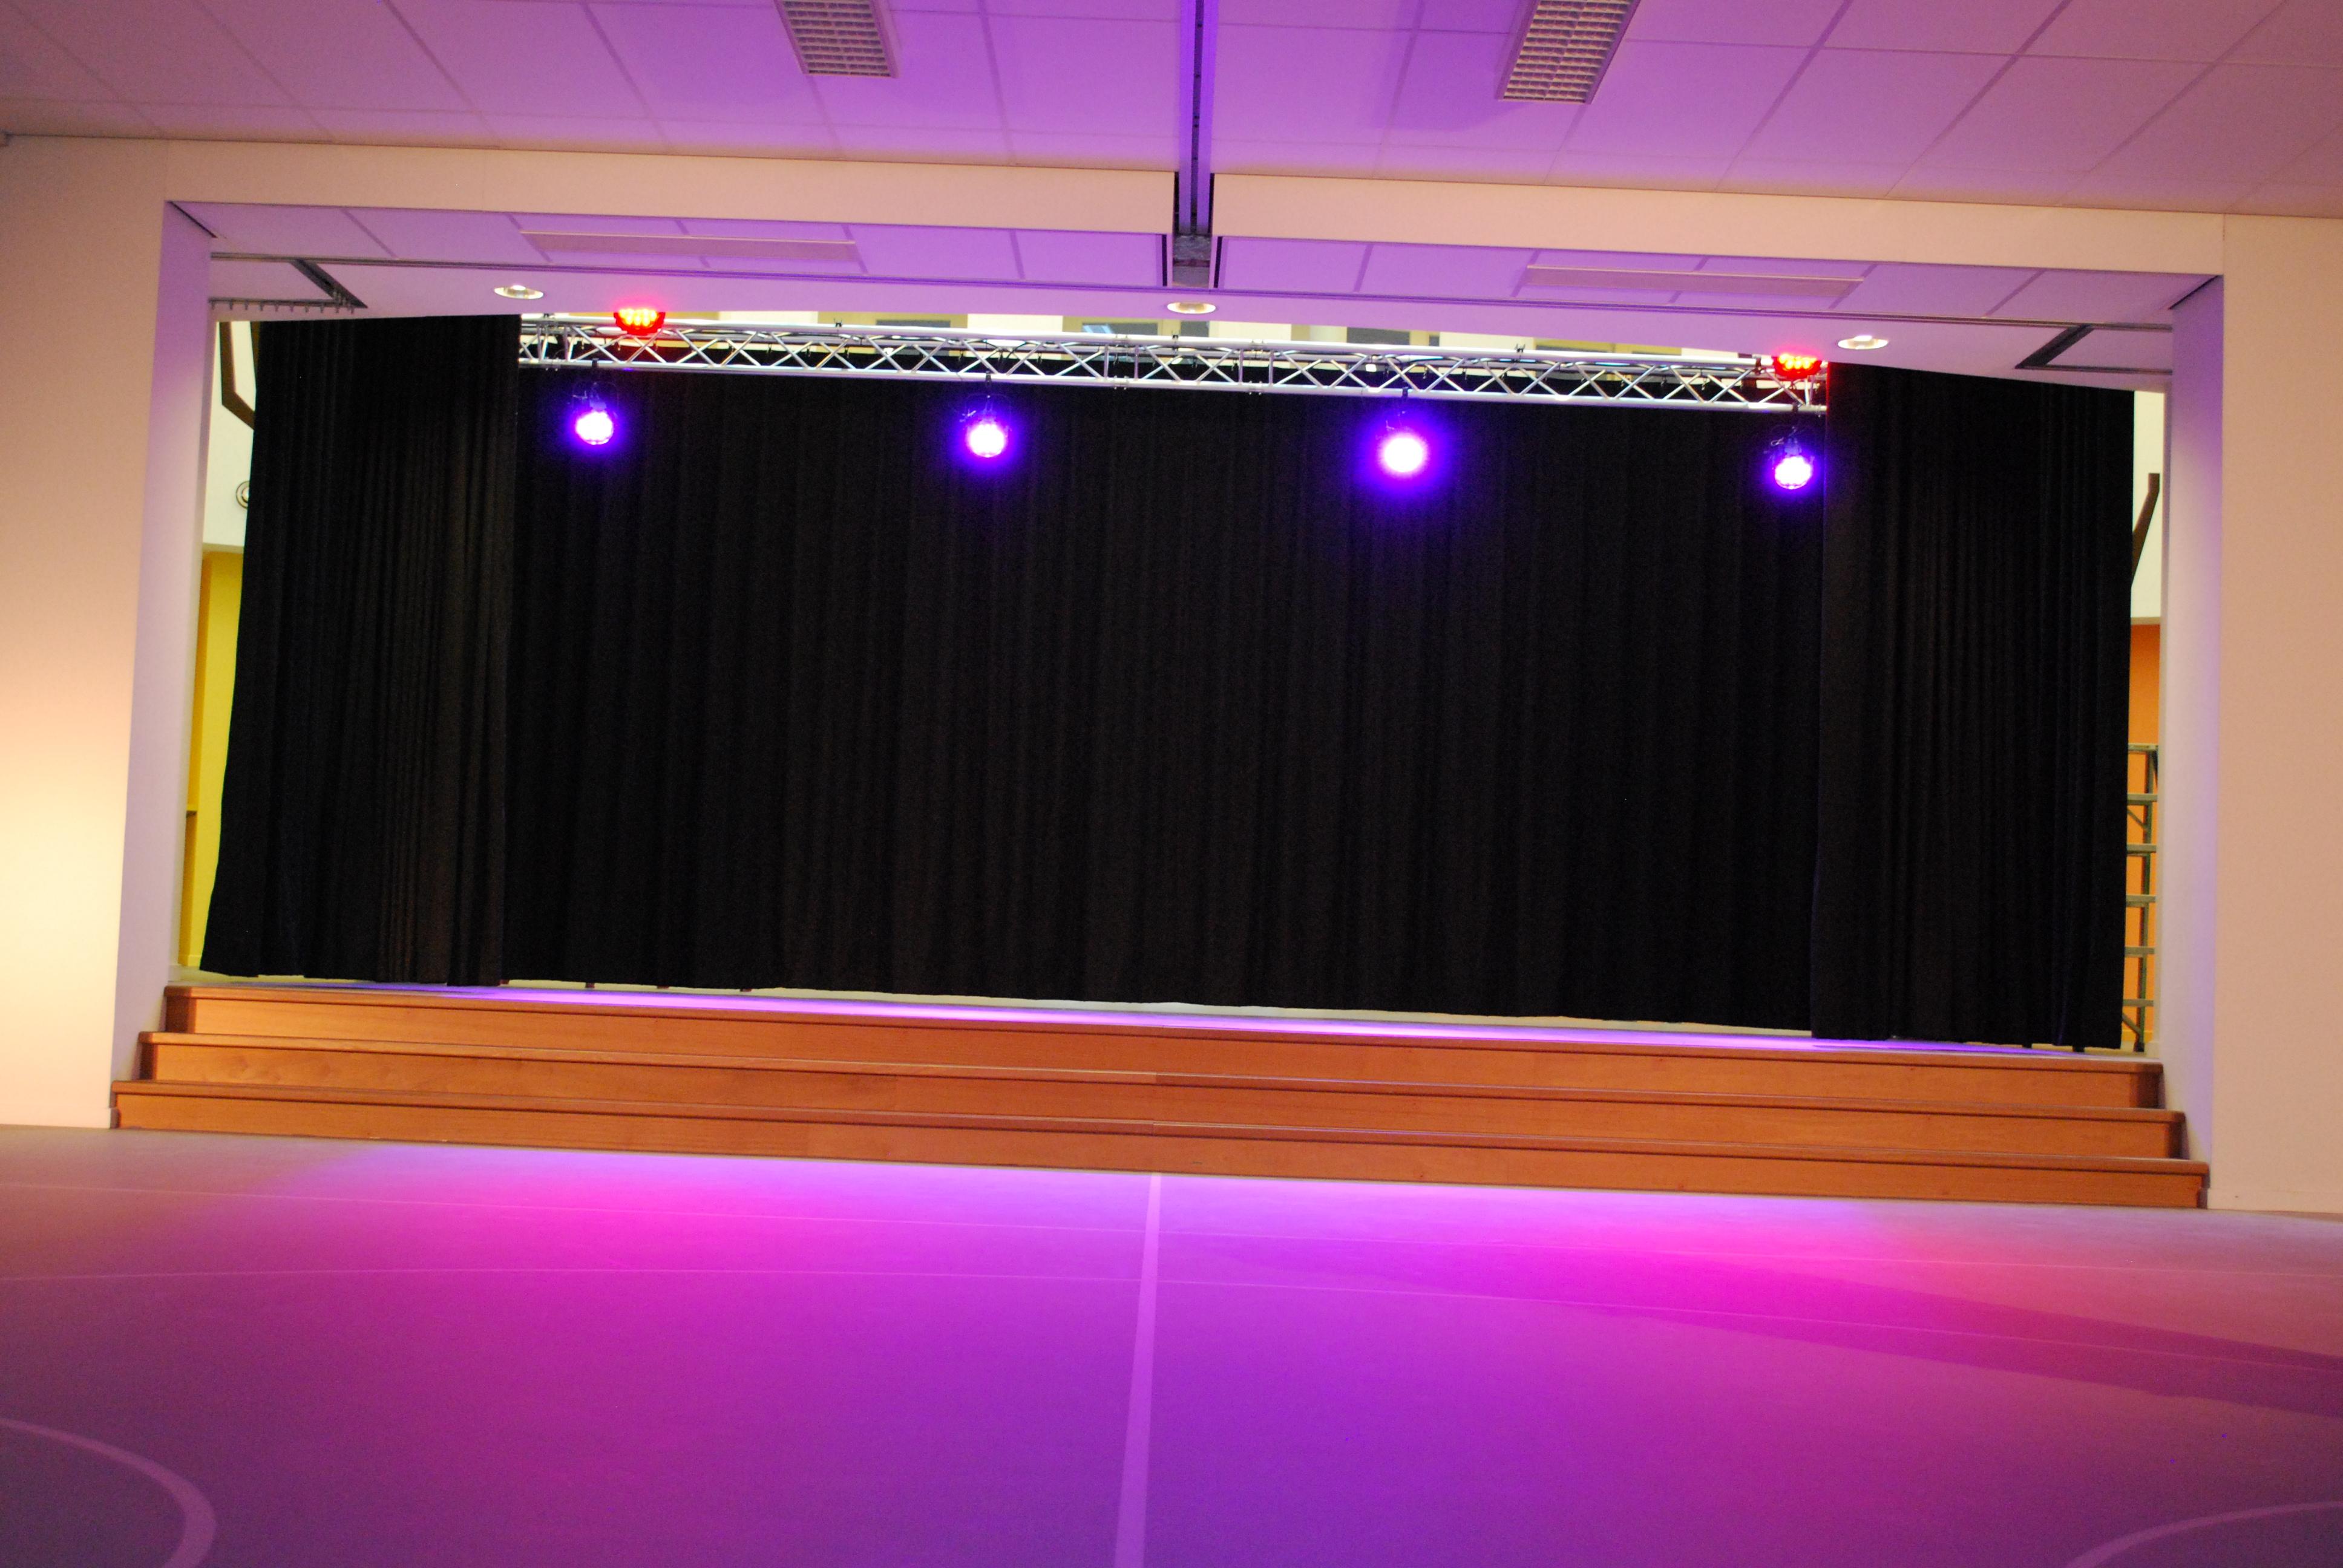 Nieuw theater te Nieuwegein - Nieuws - Onderwijstheater